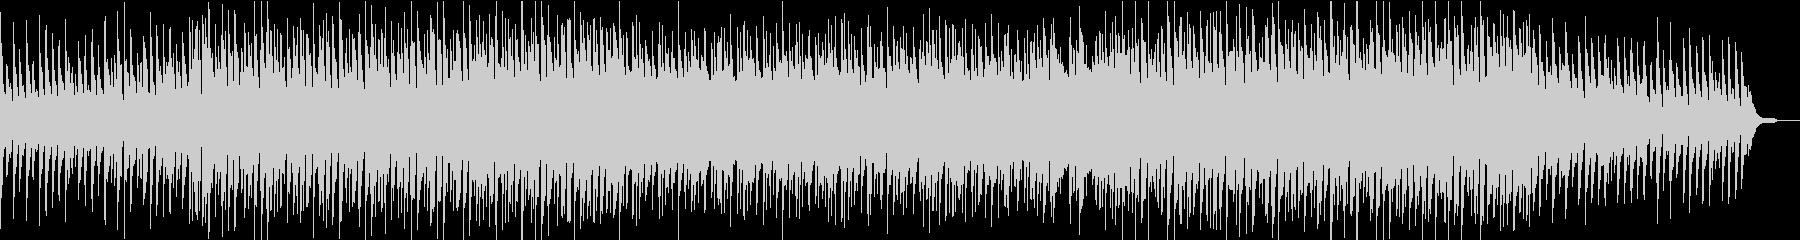 ピアノとアコギの爽やかなポップスbの未再生の波形